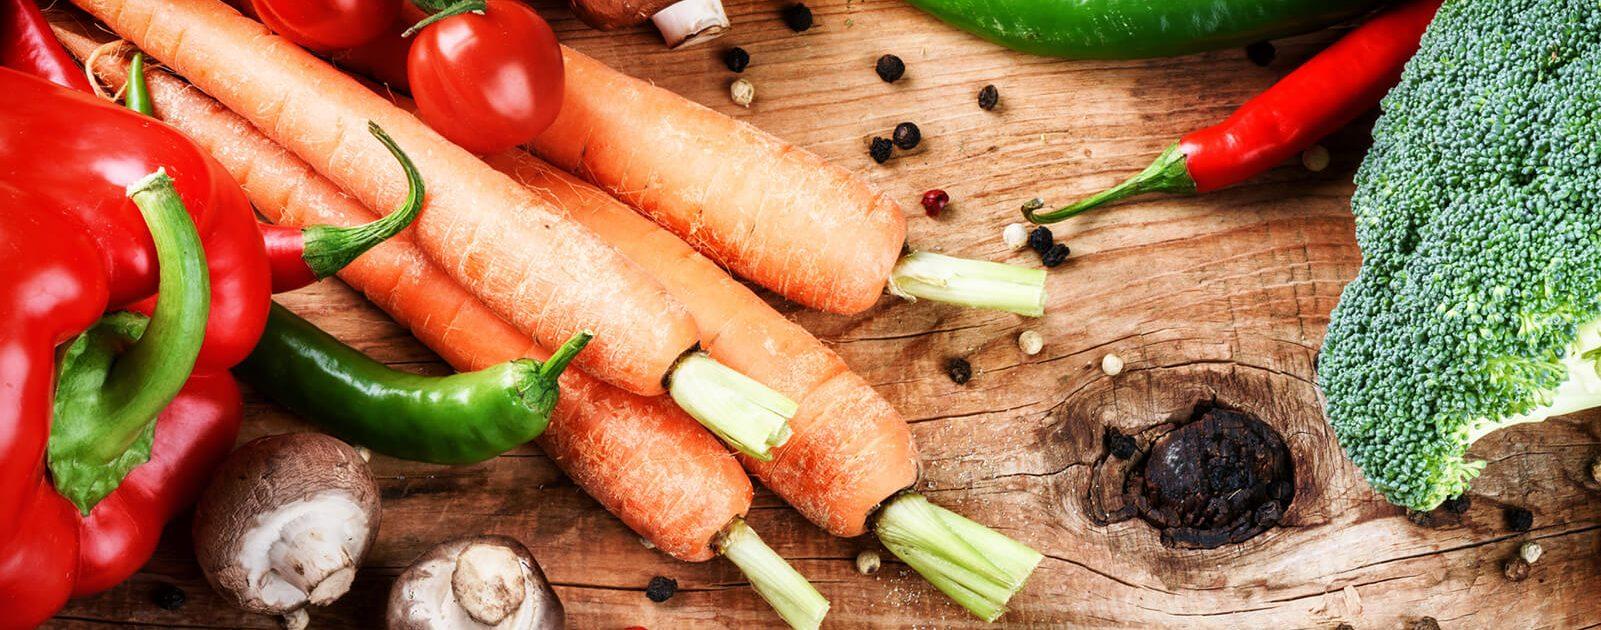 Obst und Gemüse enthalten viele Vitamine für die Augen.